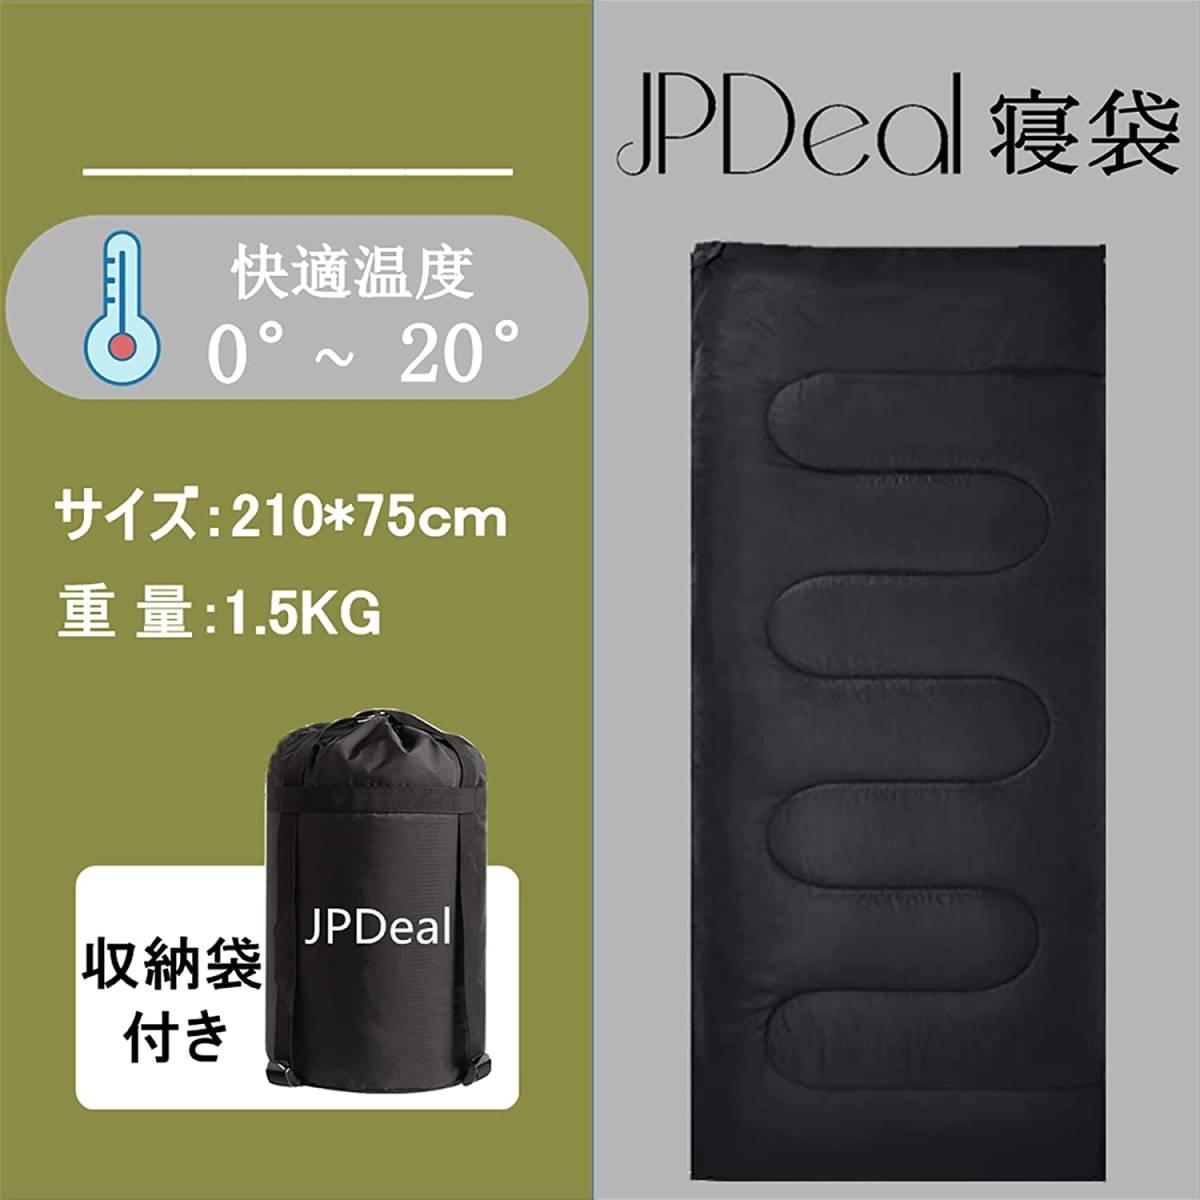 寝袋 シュラフ シュラフカバー スリーピングバッグ 封筒型 210T防水 保温 軽量 コンパクト キャンプ アウトドア 丸洗い可能 収納袋付き